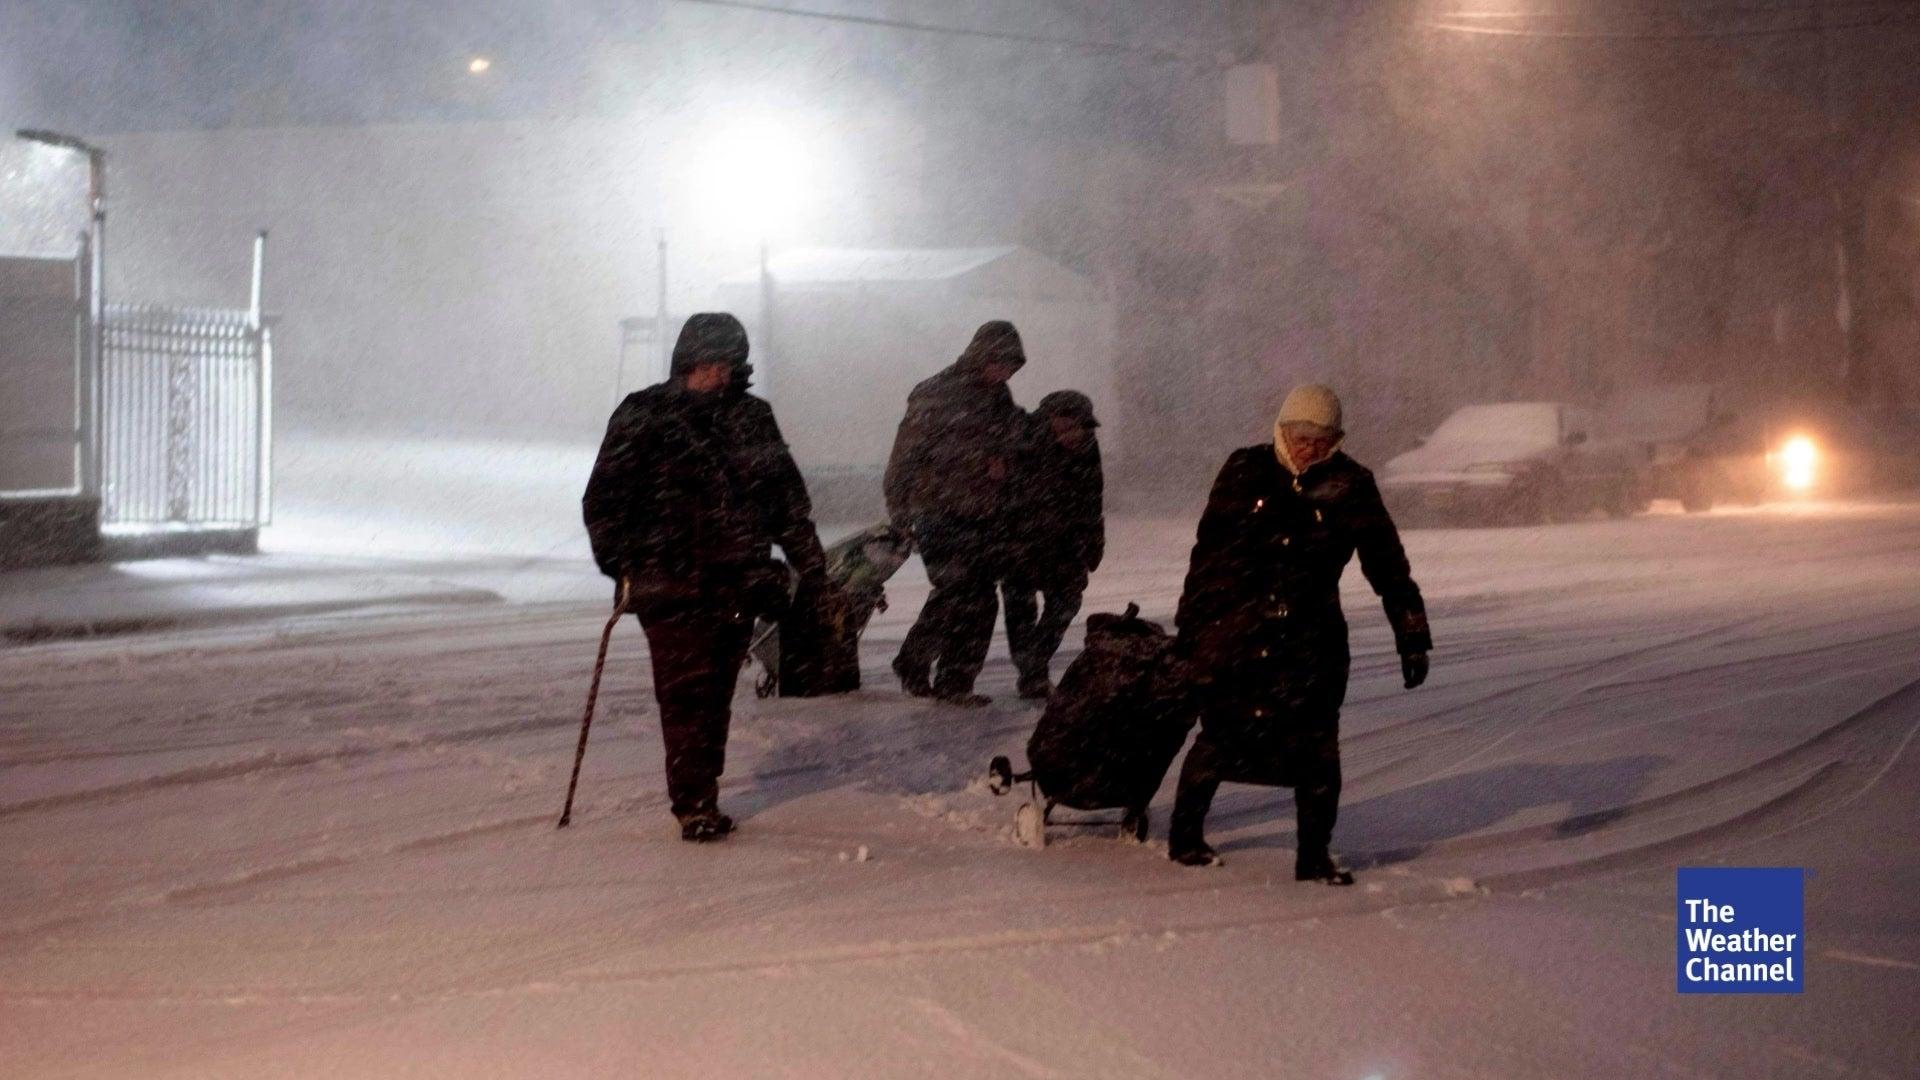 Schneesturm Avery fordert mehrere Tote, Verkehrsinfarkt in New York